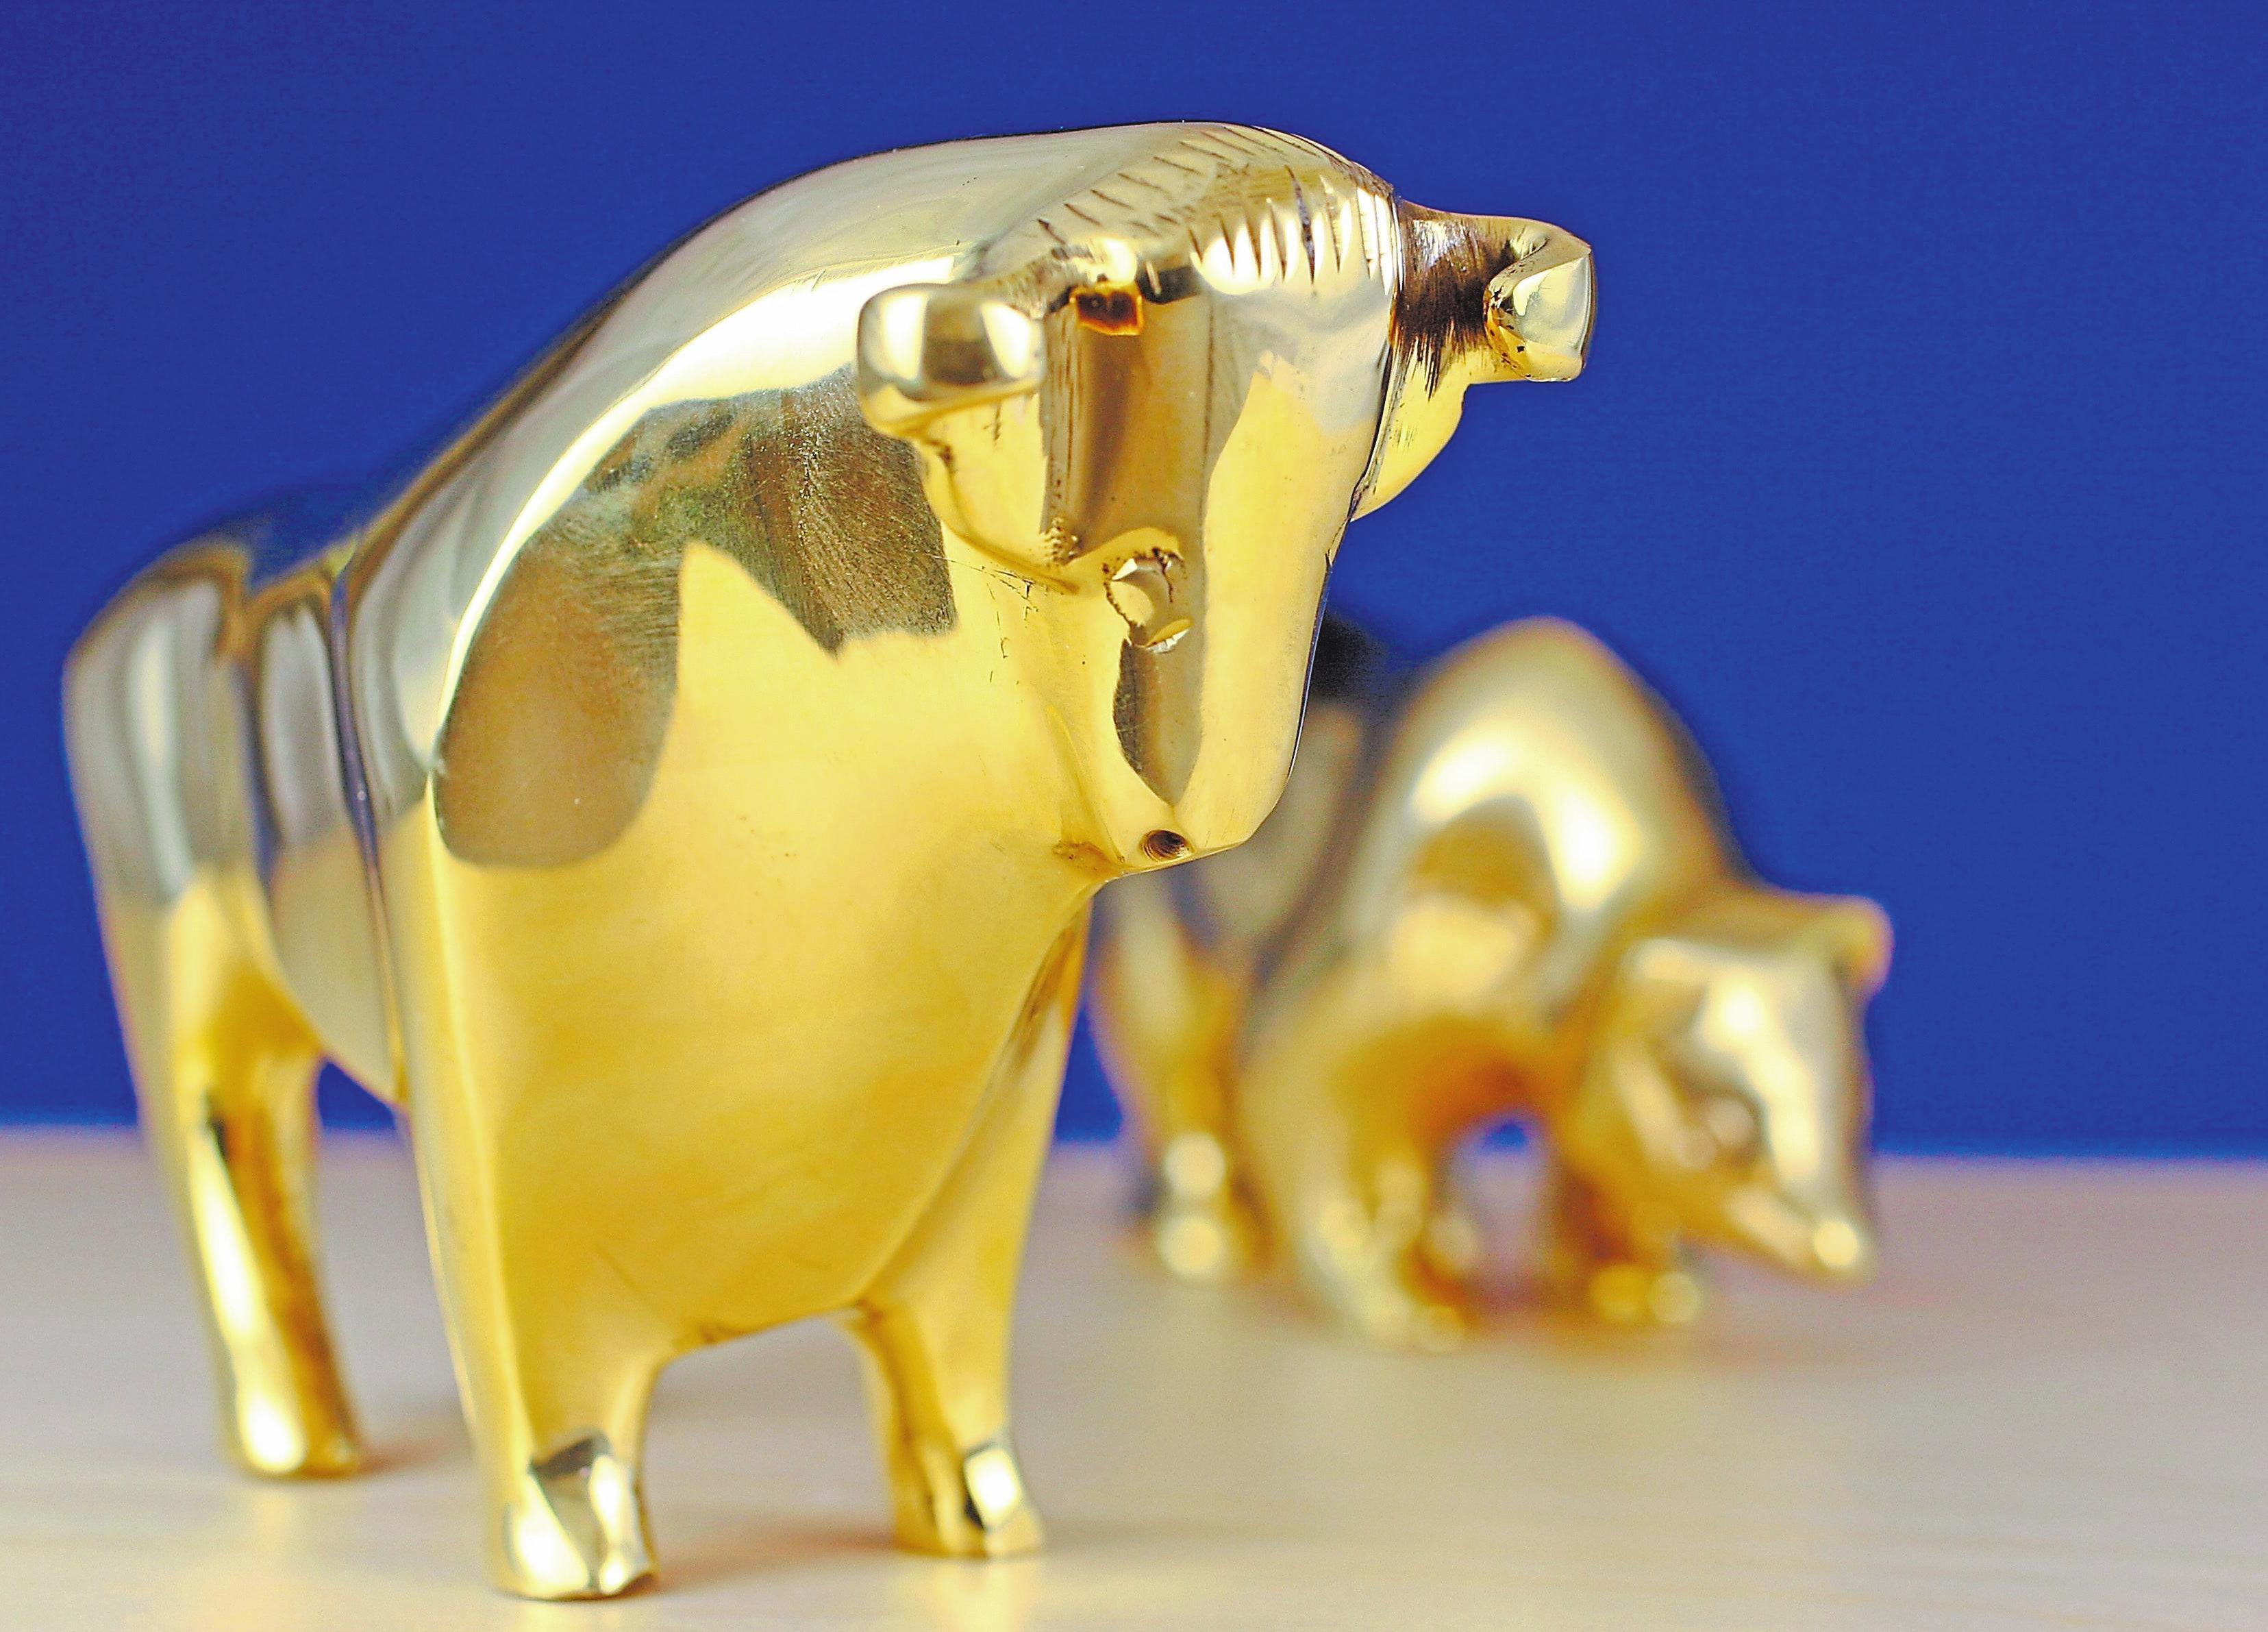 Bulle und Bär sind die Symbole für steigende und fallende Aktienkurse. Foto: colourbox